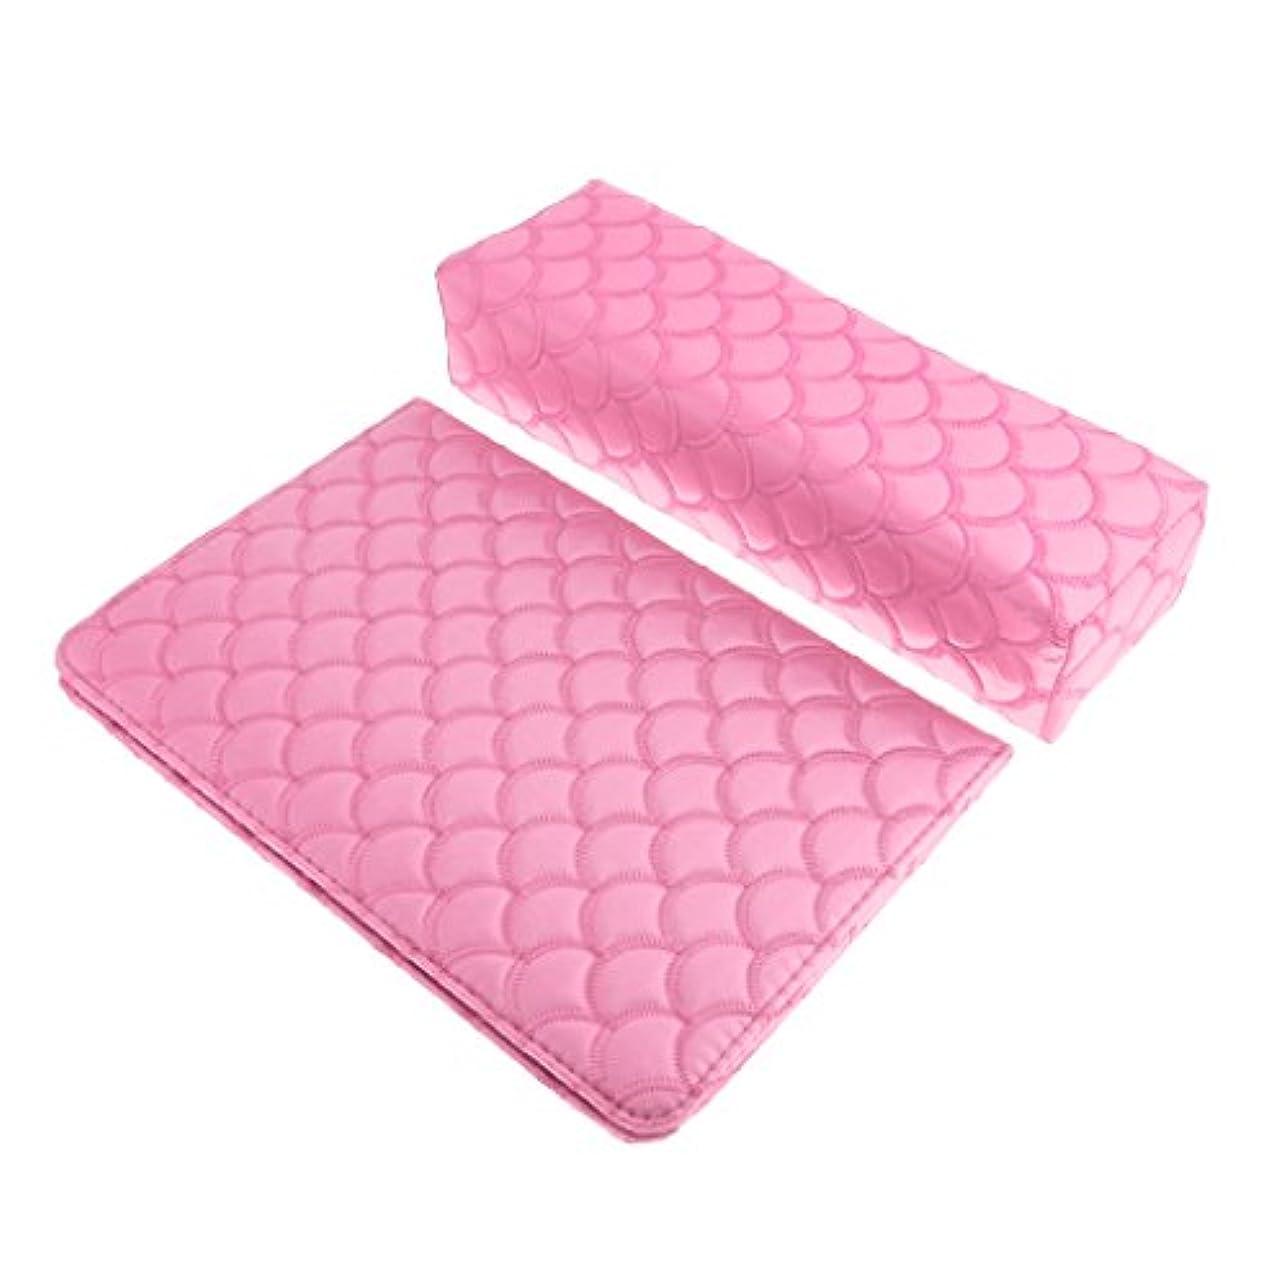 トランクライブラリデンマーク気分が悪いソフト ハンドクッション ネイルピロー パッド ネイルアート デザイン マニキュア アームレストホルダー 多色選べる - ピンク